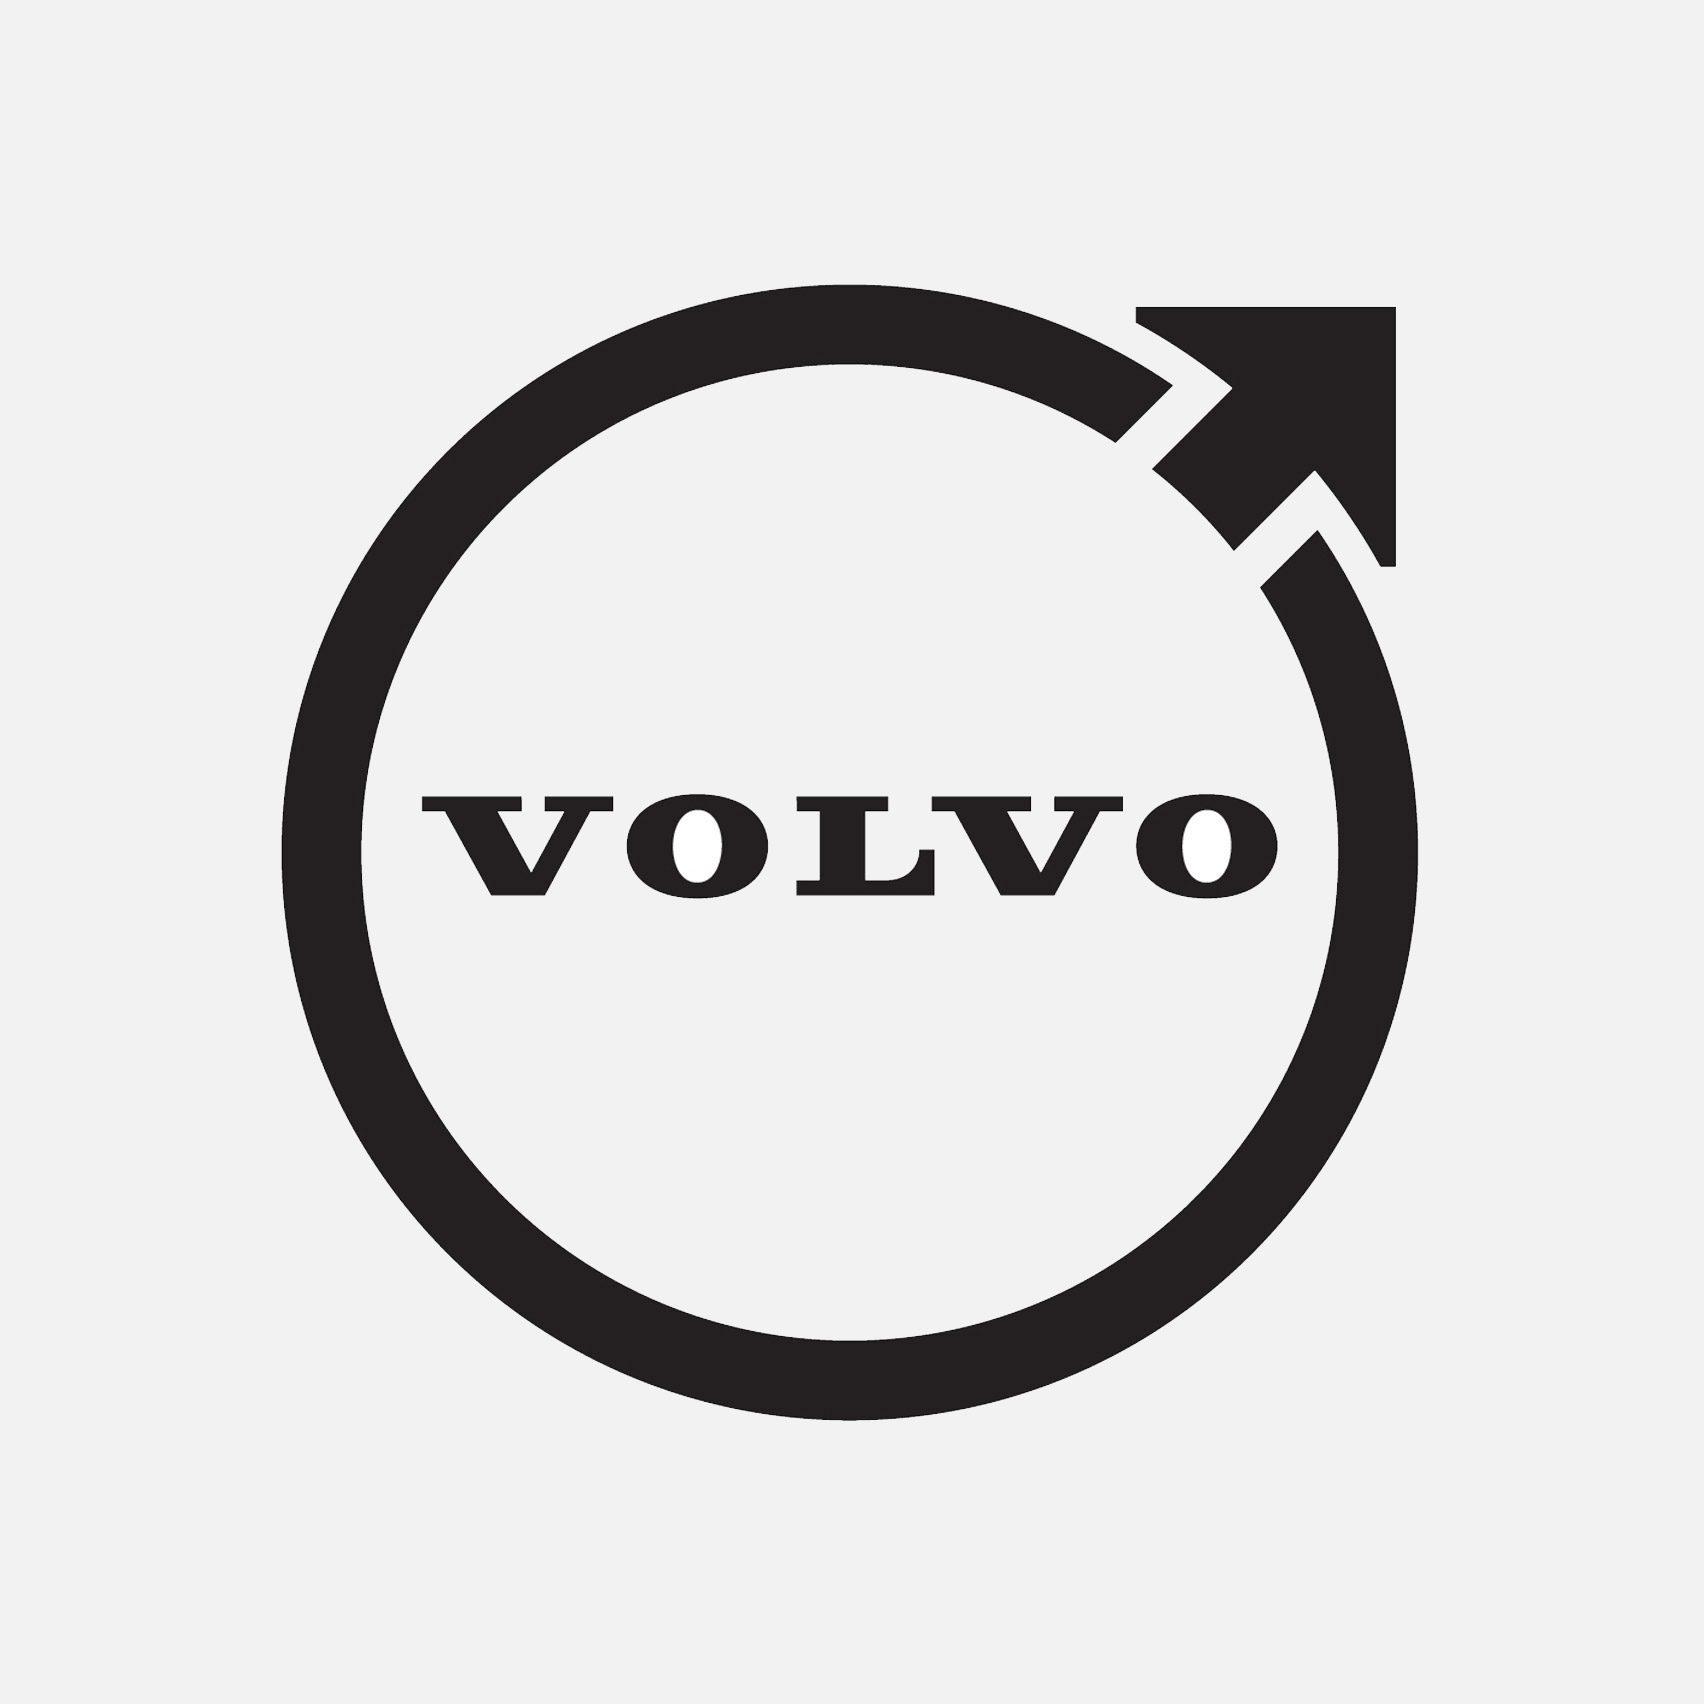 A black circular Volvo logo with an arrow